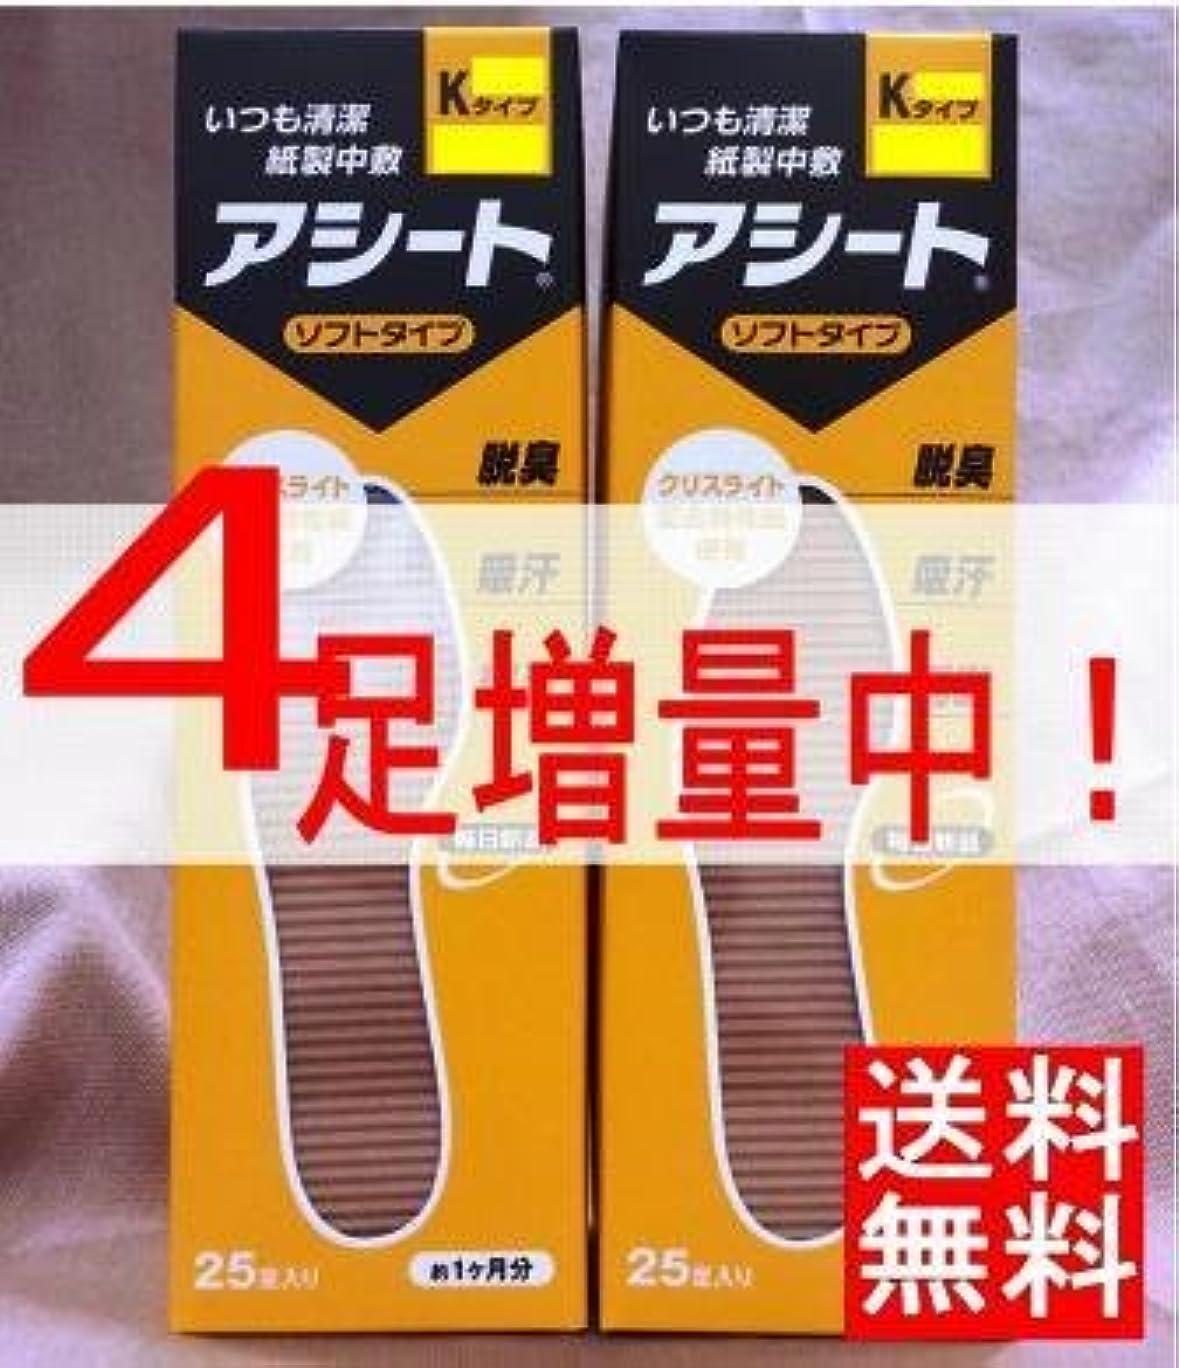 バッグ熟達したソートアシートK(サイズ24cm)×2箱セット(4足増量中)